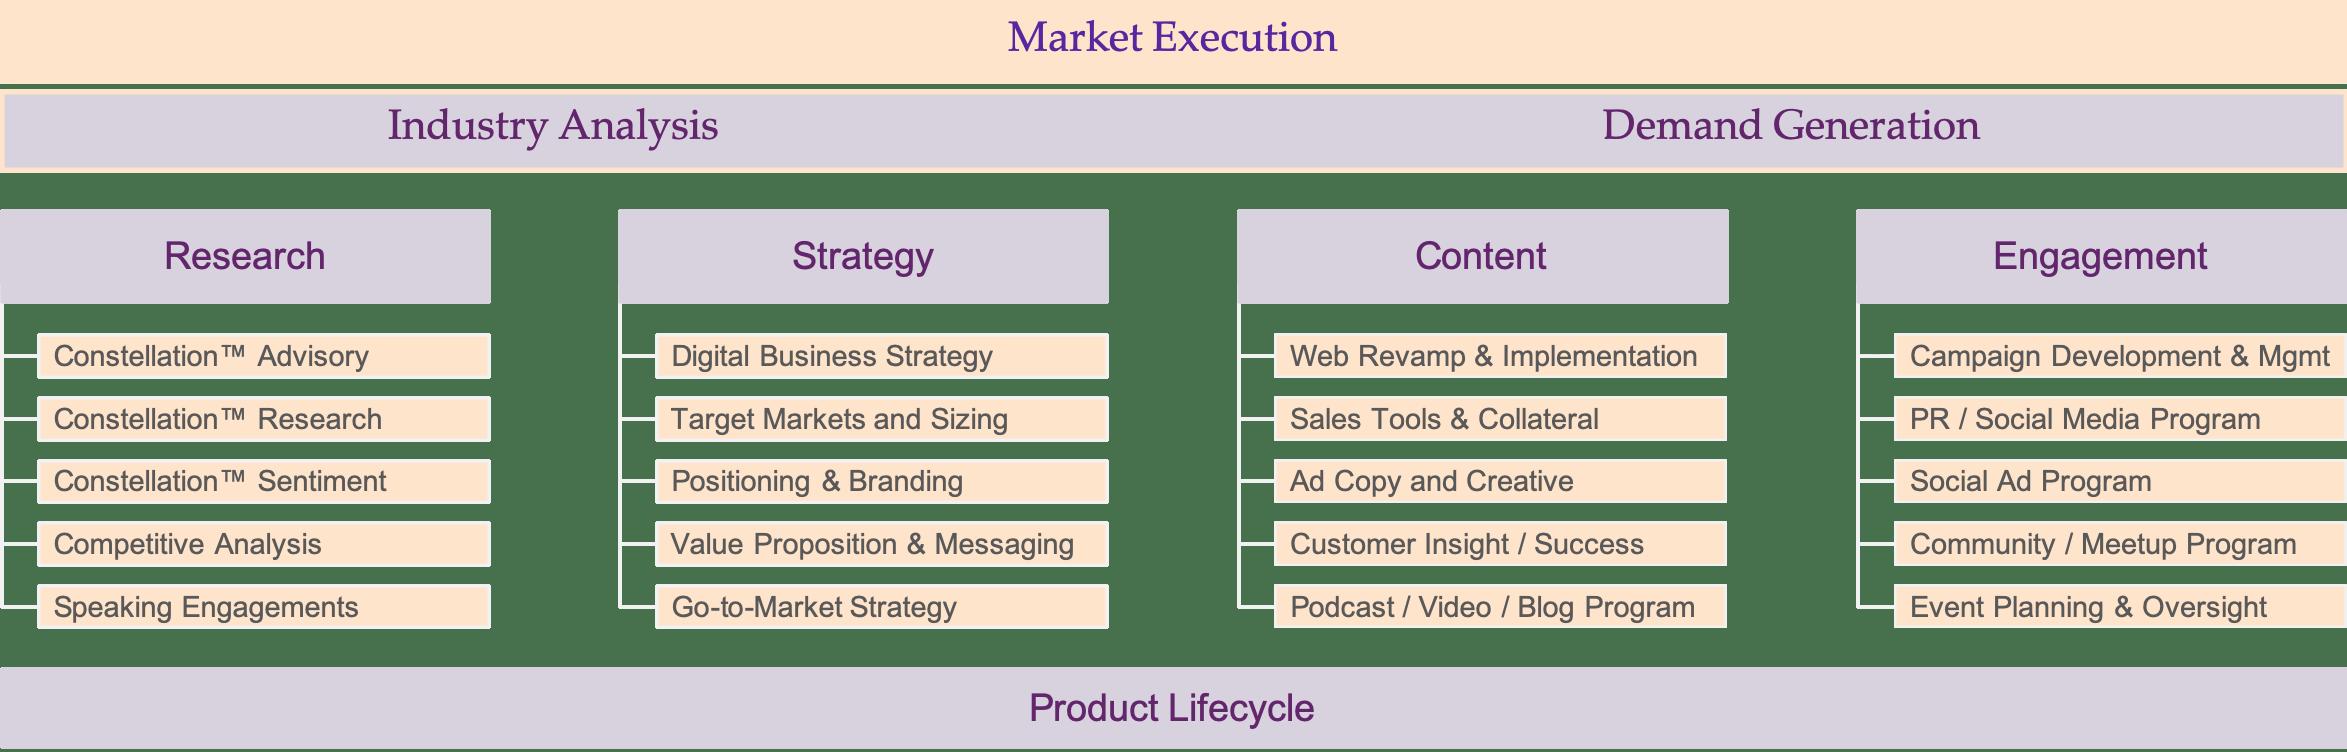 Framework-Market-Execution-i